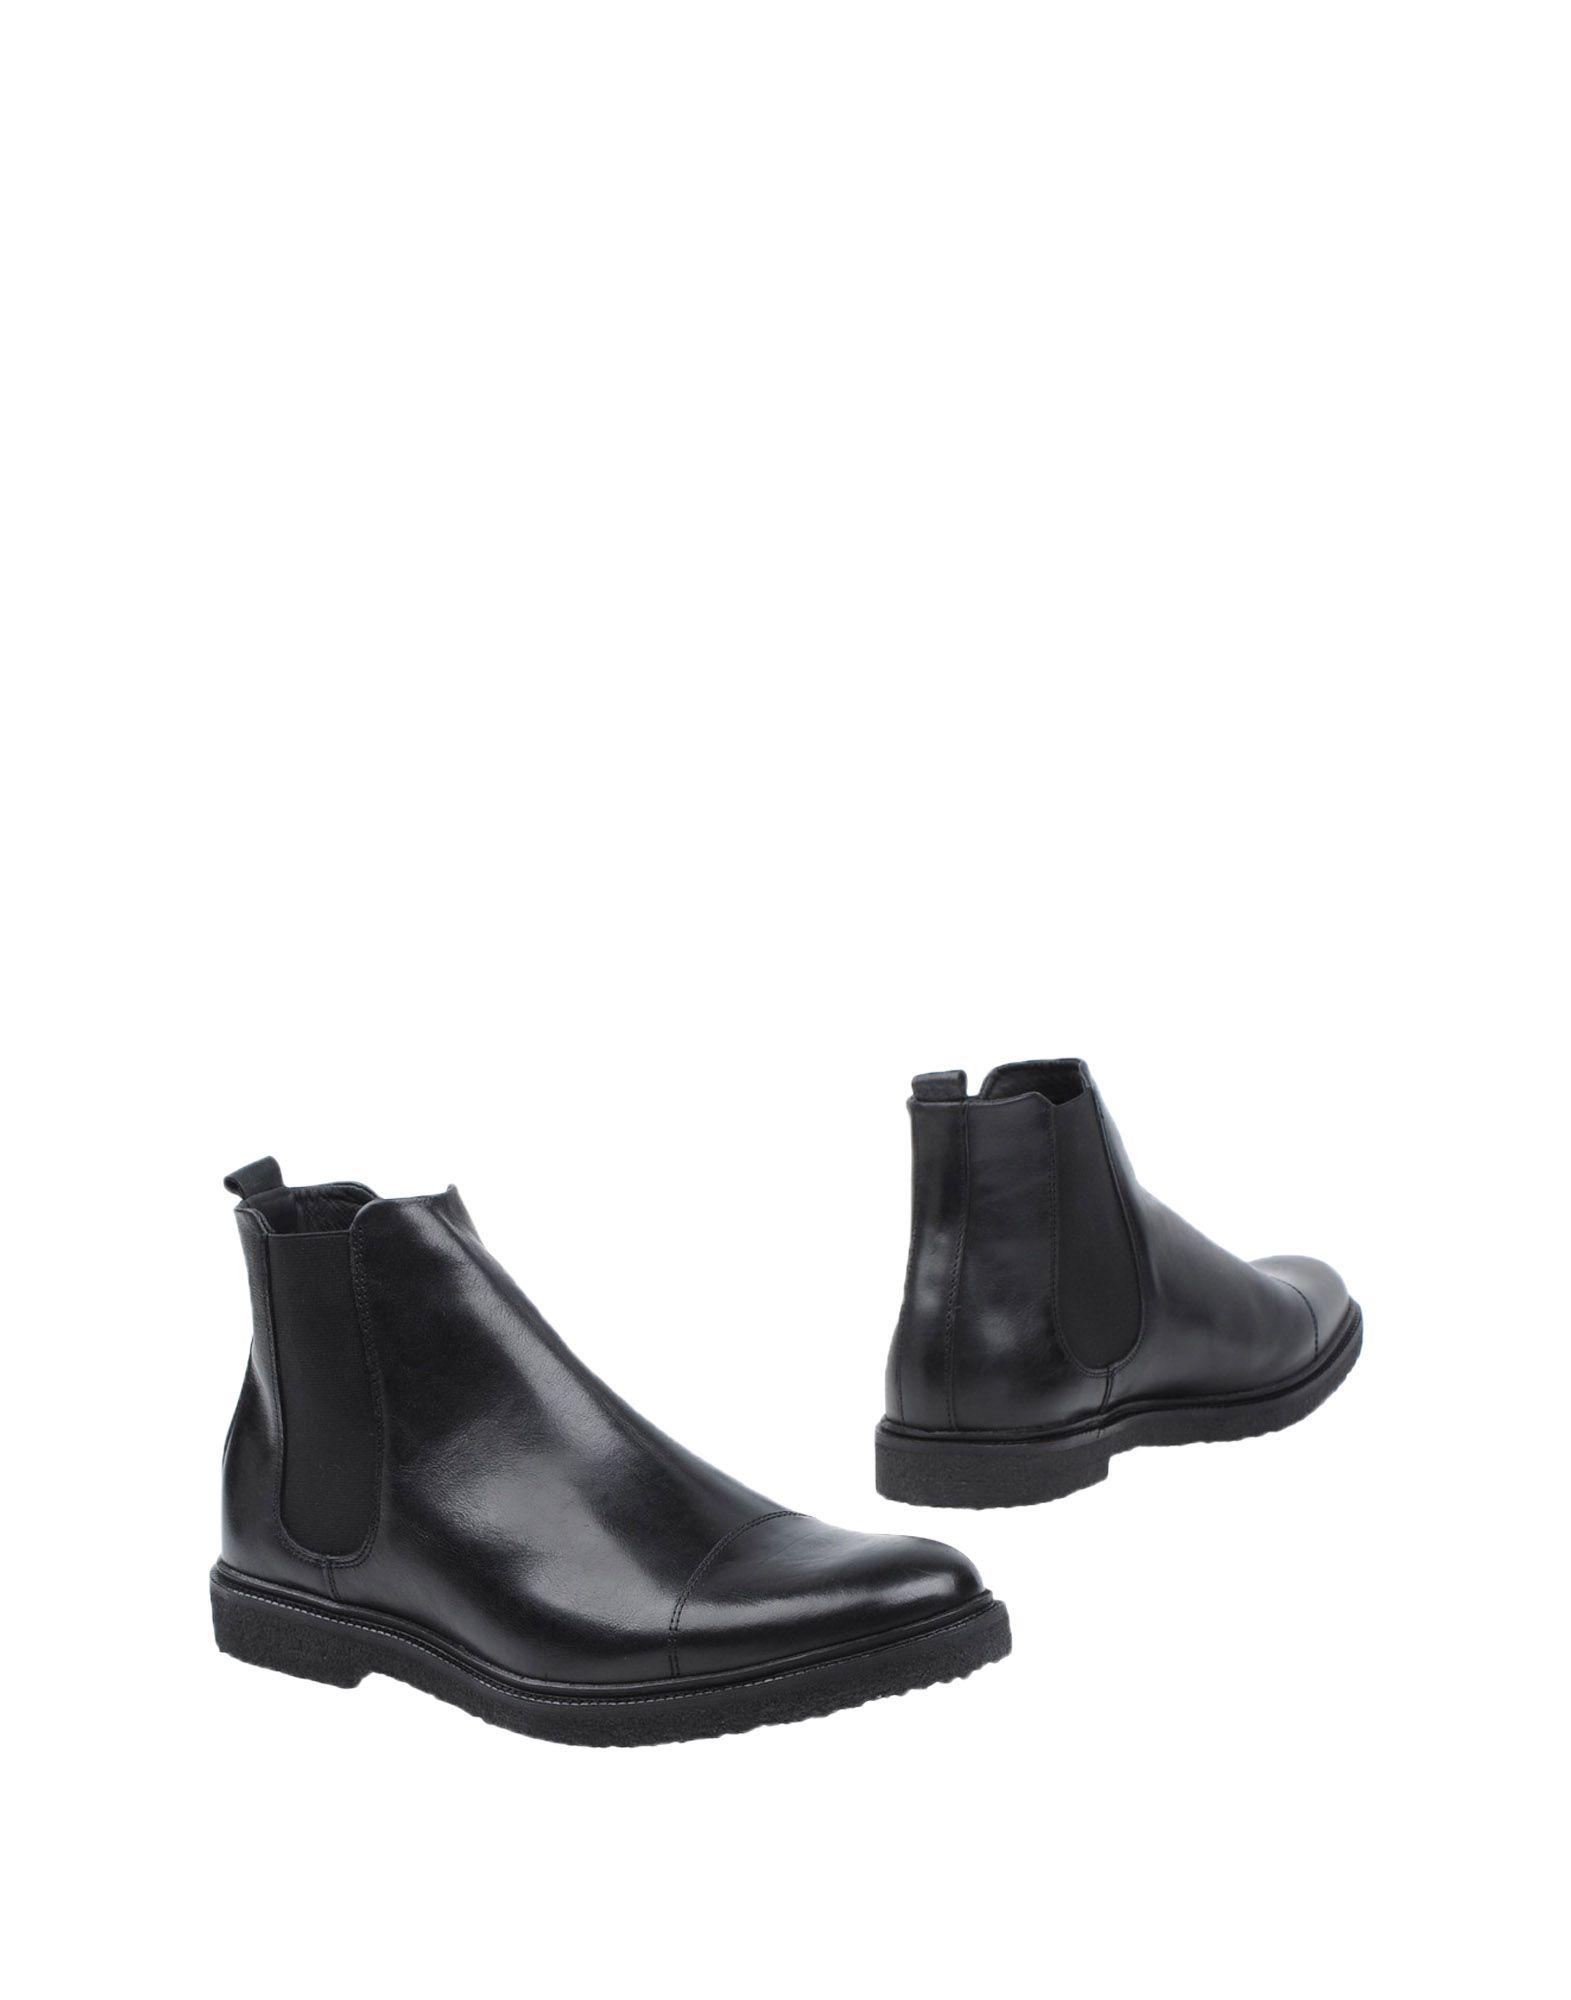 ROYAL REPUBLIQ Полусапоги и высокие ботинки купить футбольную форму челси торрес